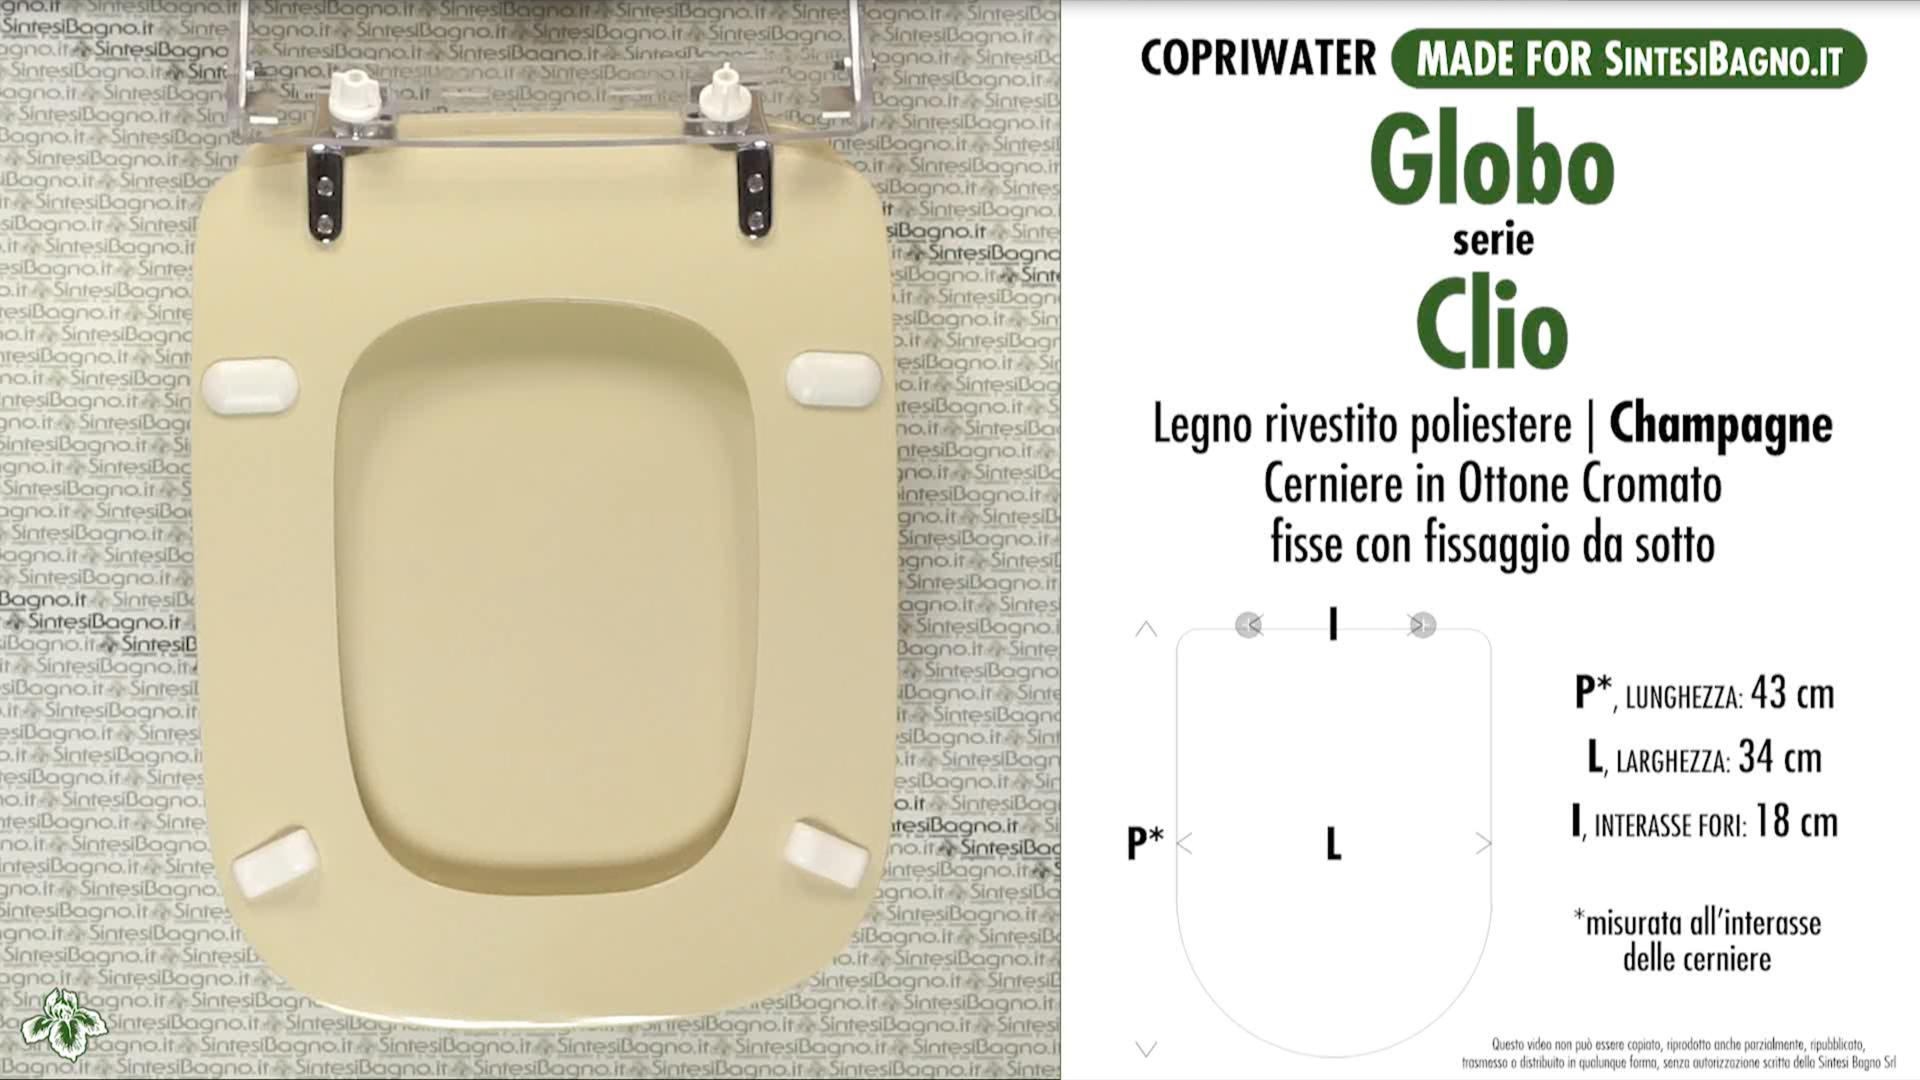 SCHEDA TECNICA MISURE copriwater GLOBO CLIO